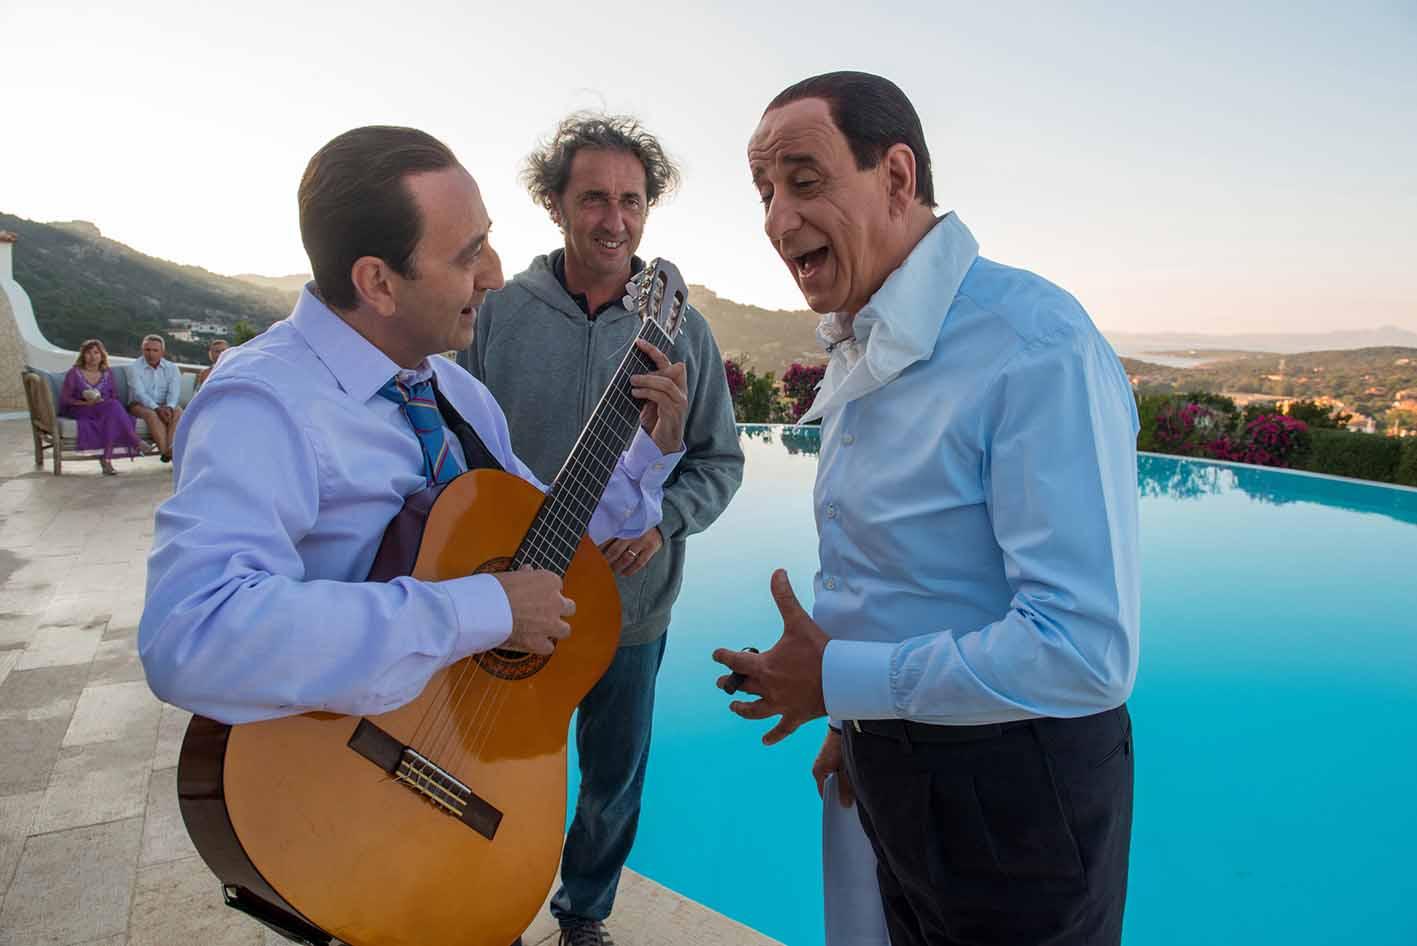 Loro 2 di Paolo Sorrentino Giovanni Esposito, Paolo Sorrentino e Toni Servillo 2018, ph Gianni Fiorito